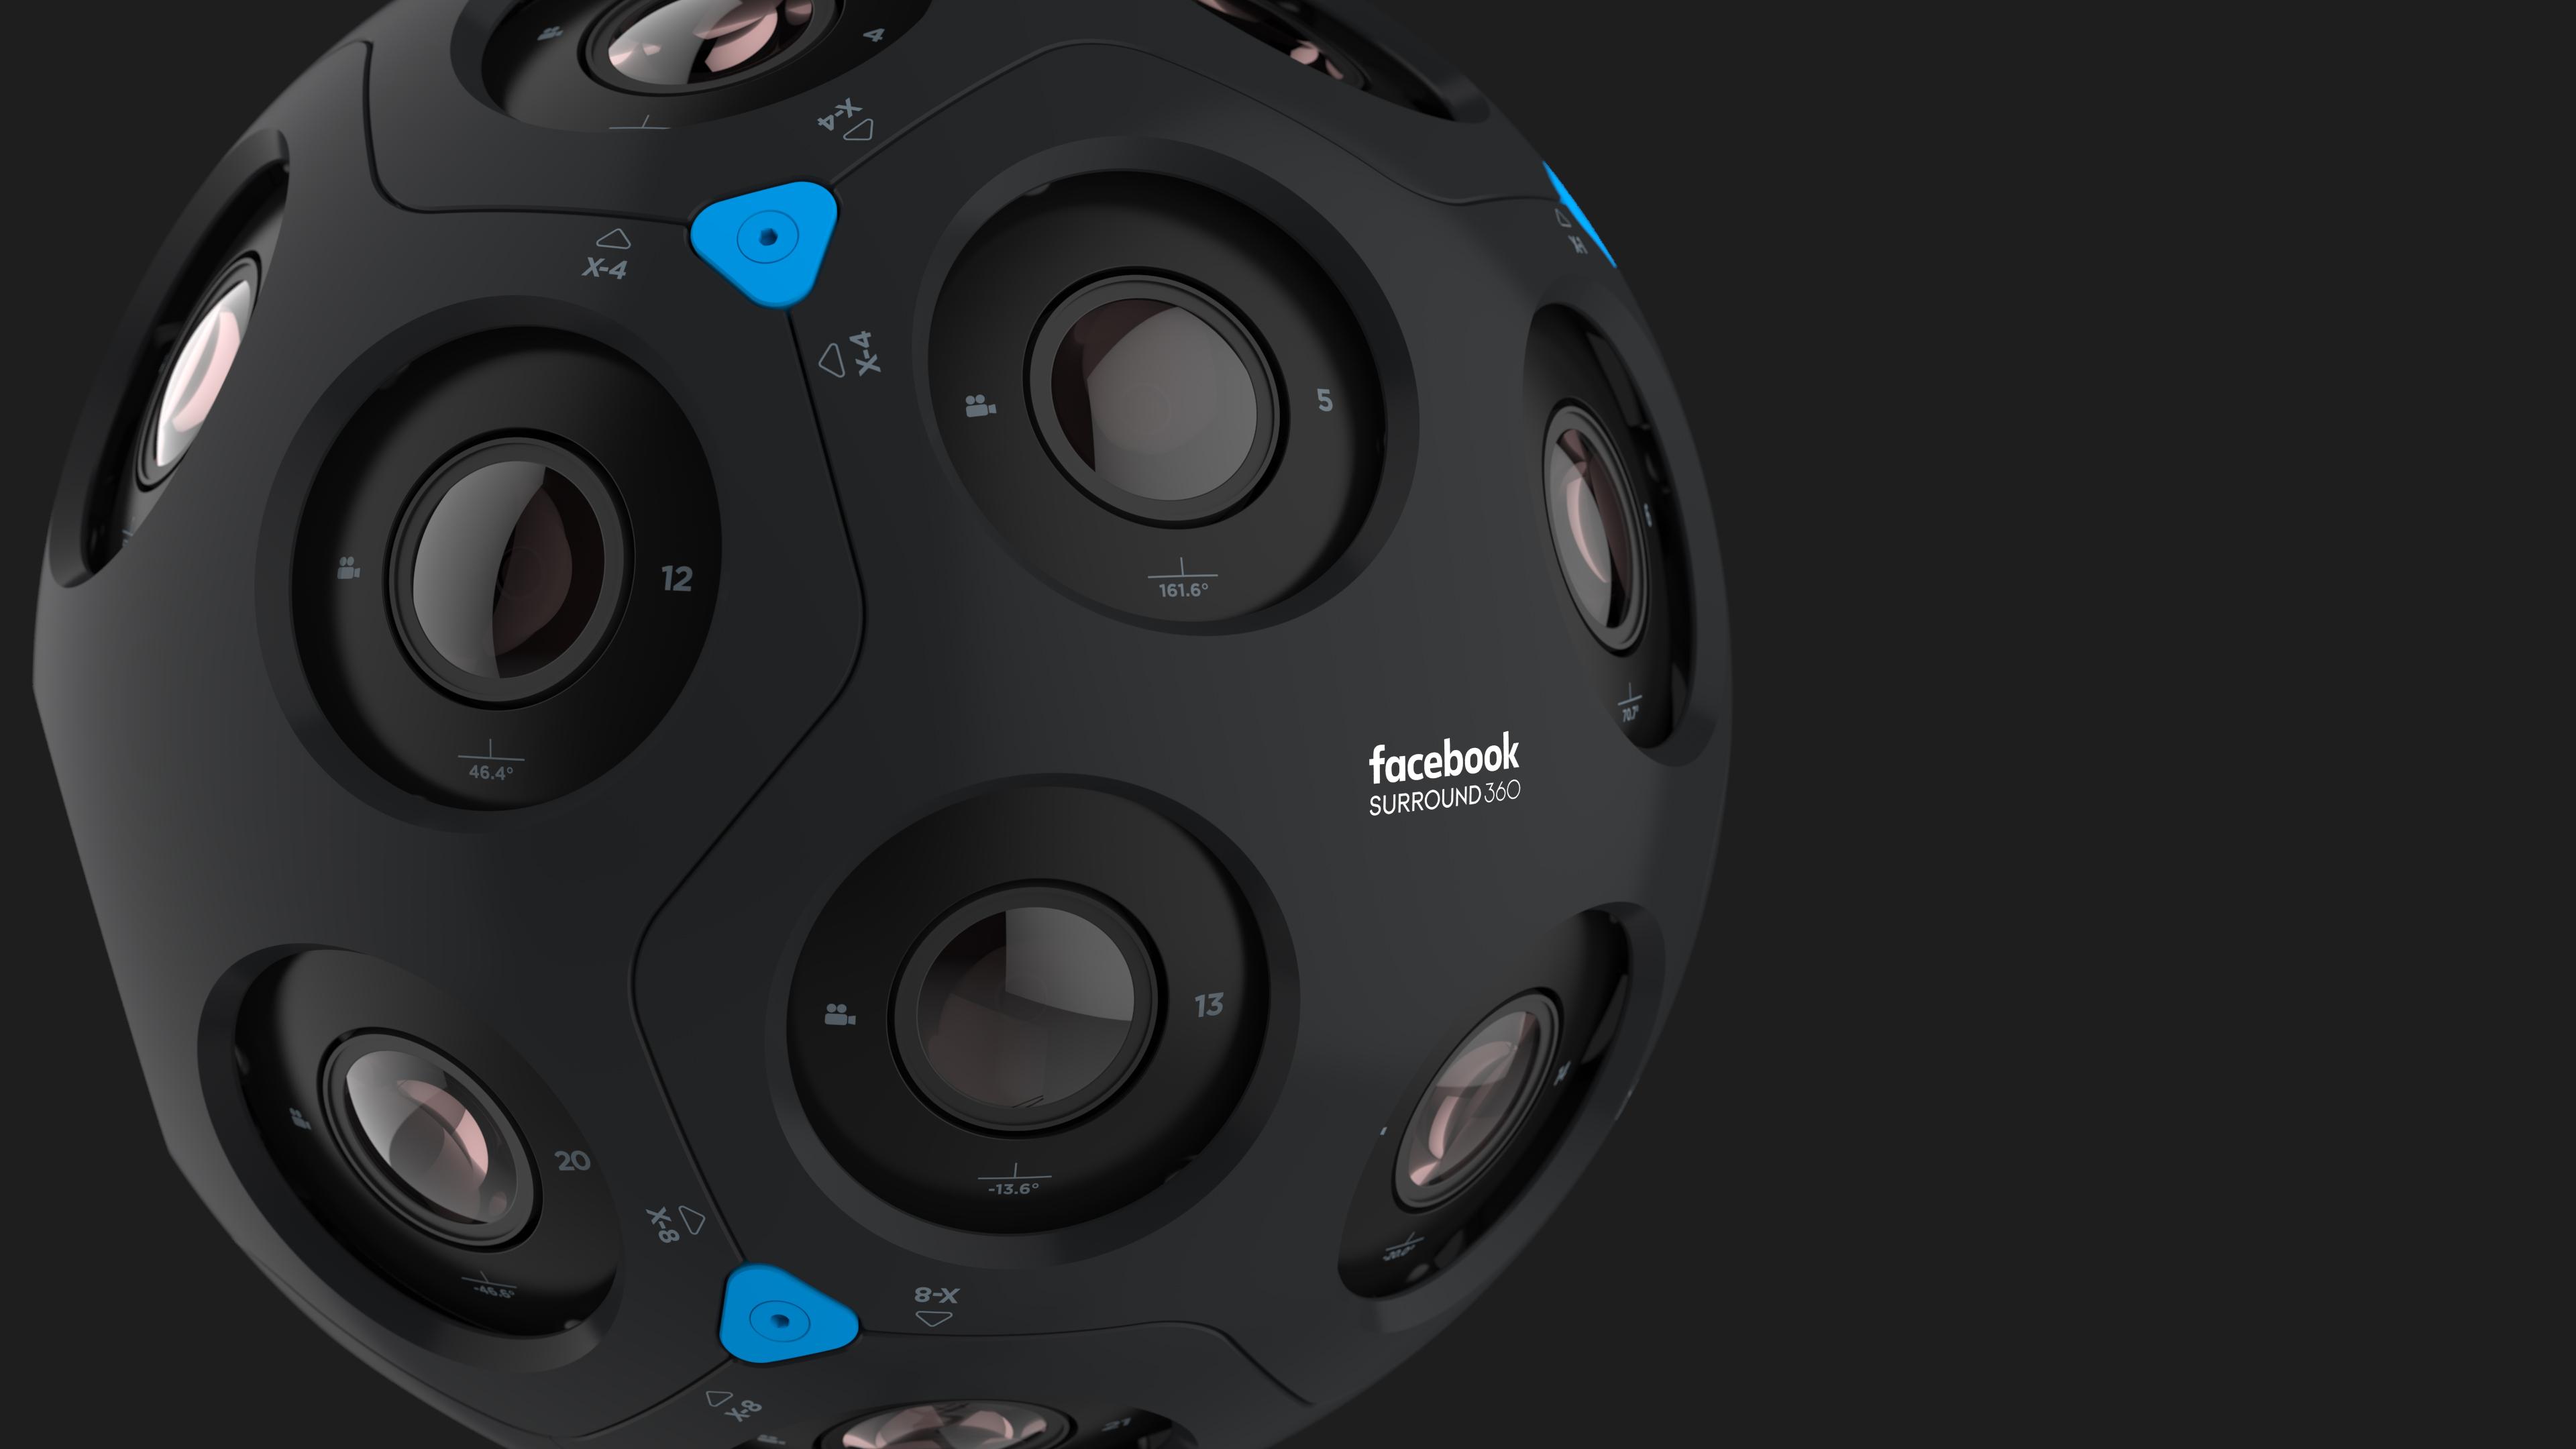 facebook_surround_360 Image